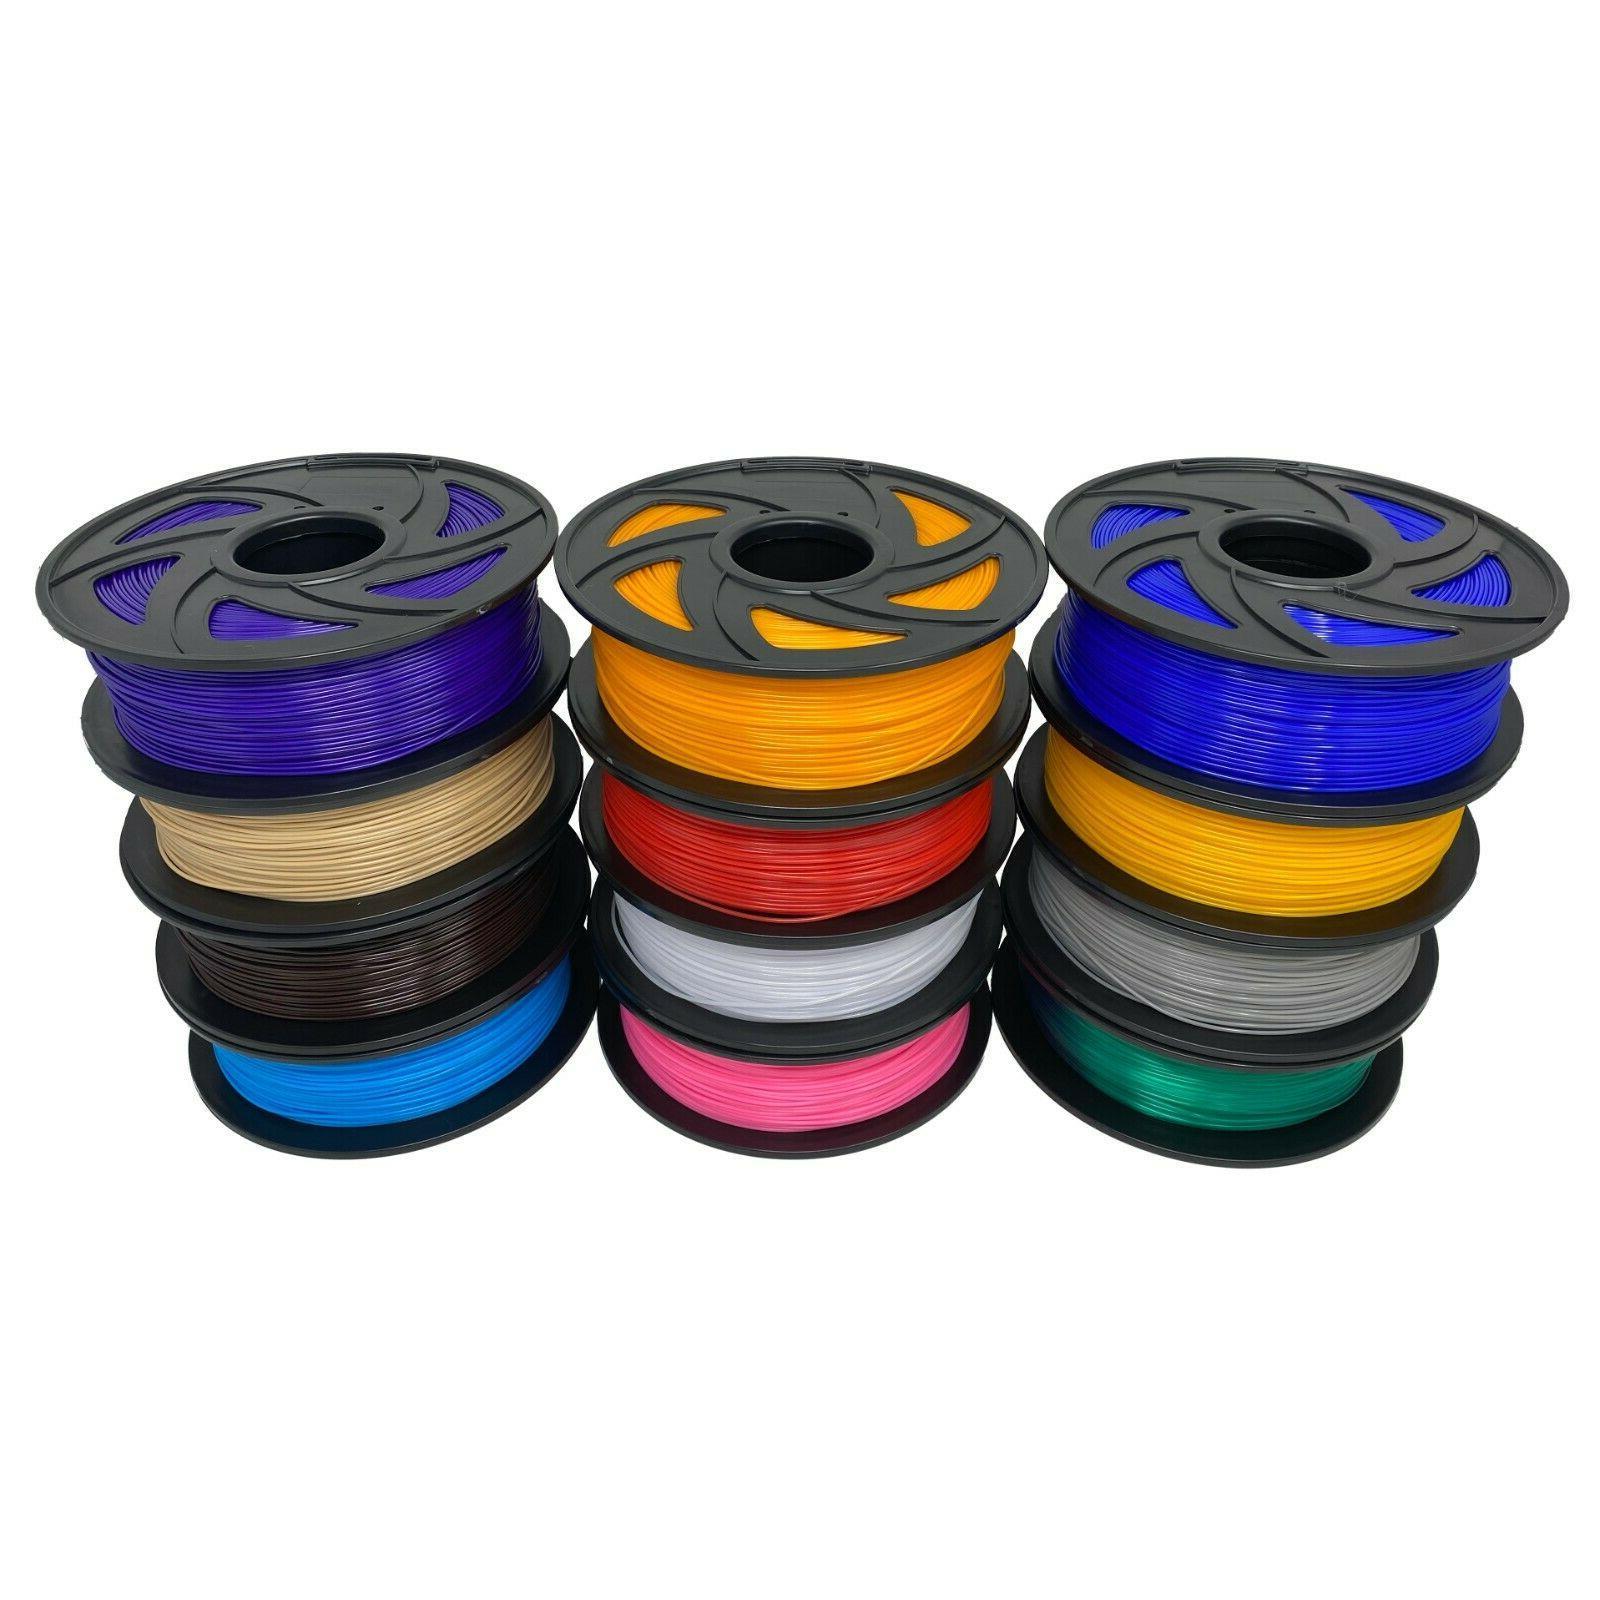 petg filament 18 colors available 1 75mm